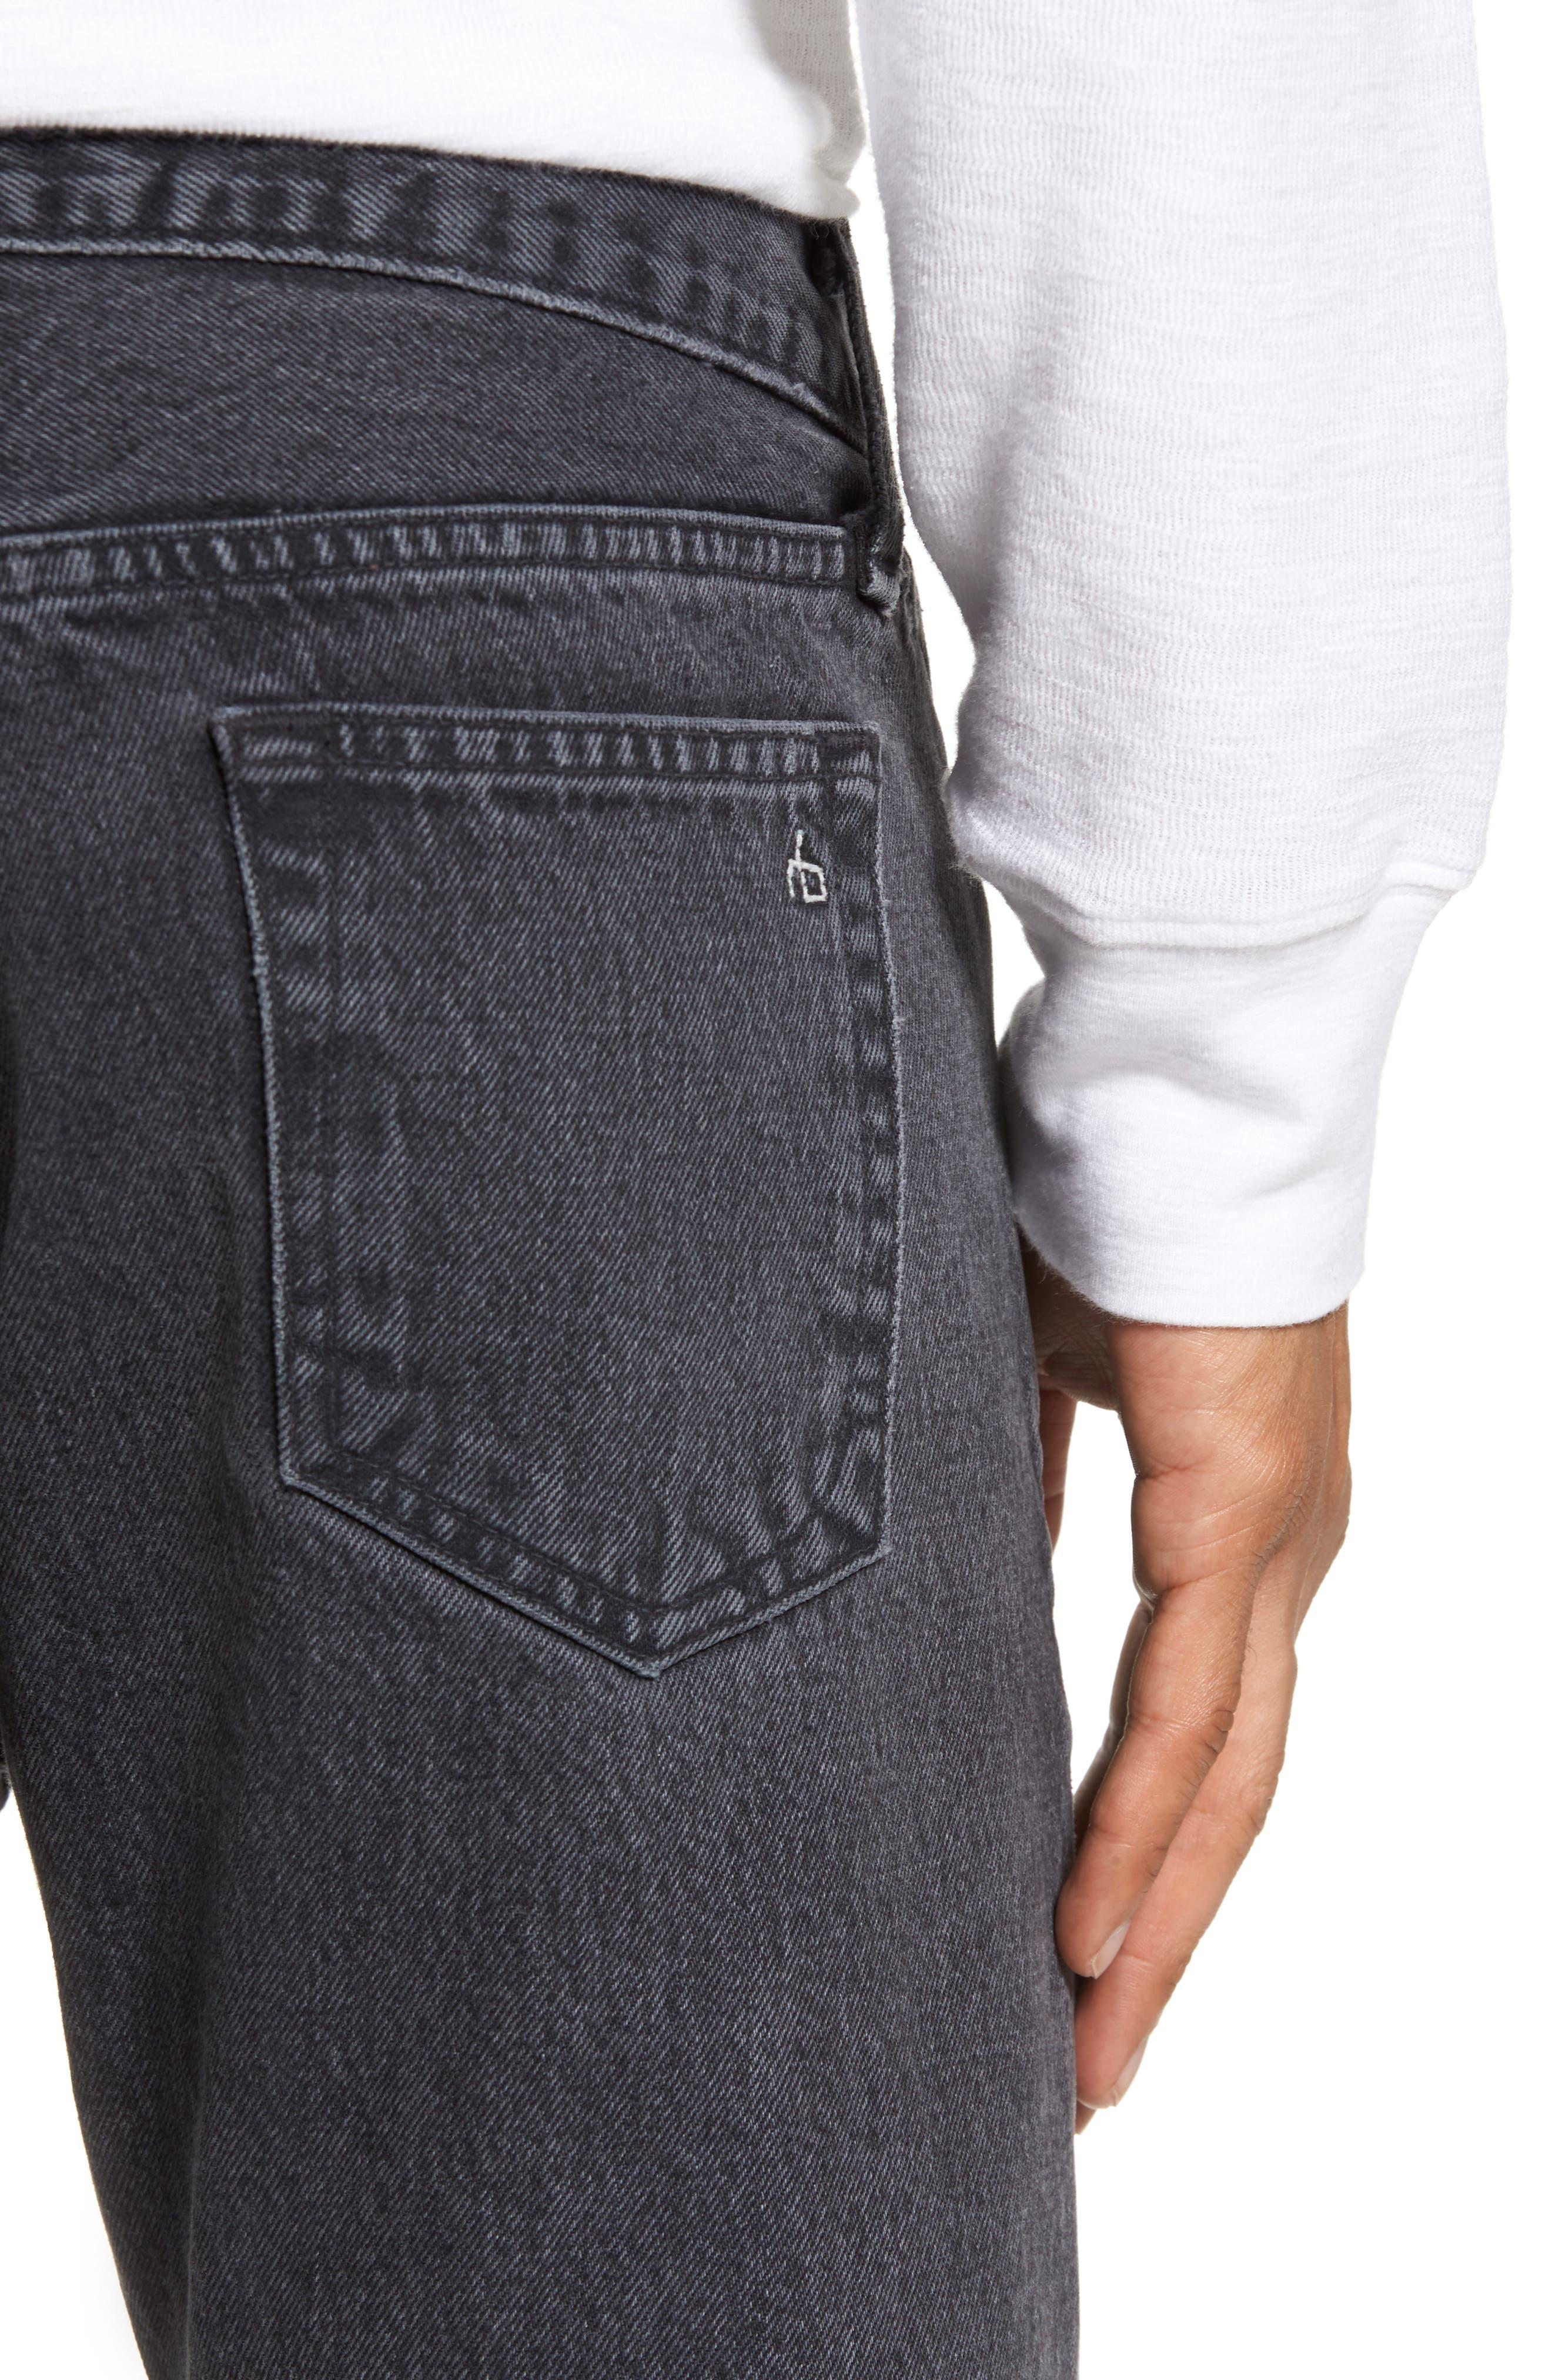 Fit 2 Slim Fit Jeans,                             Alternate thumbnail 4, color,                             001